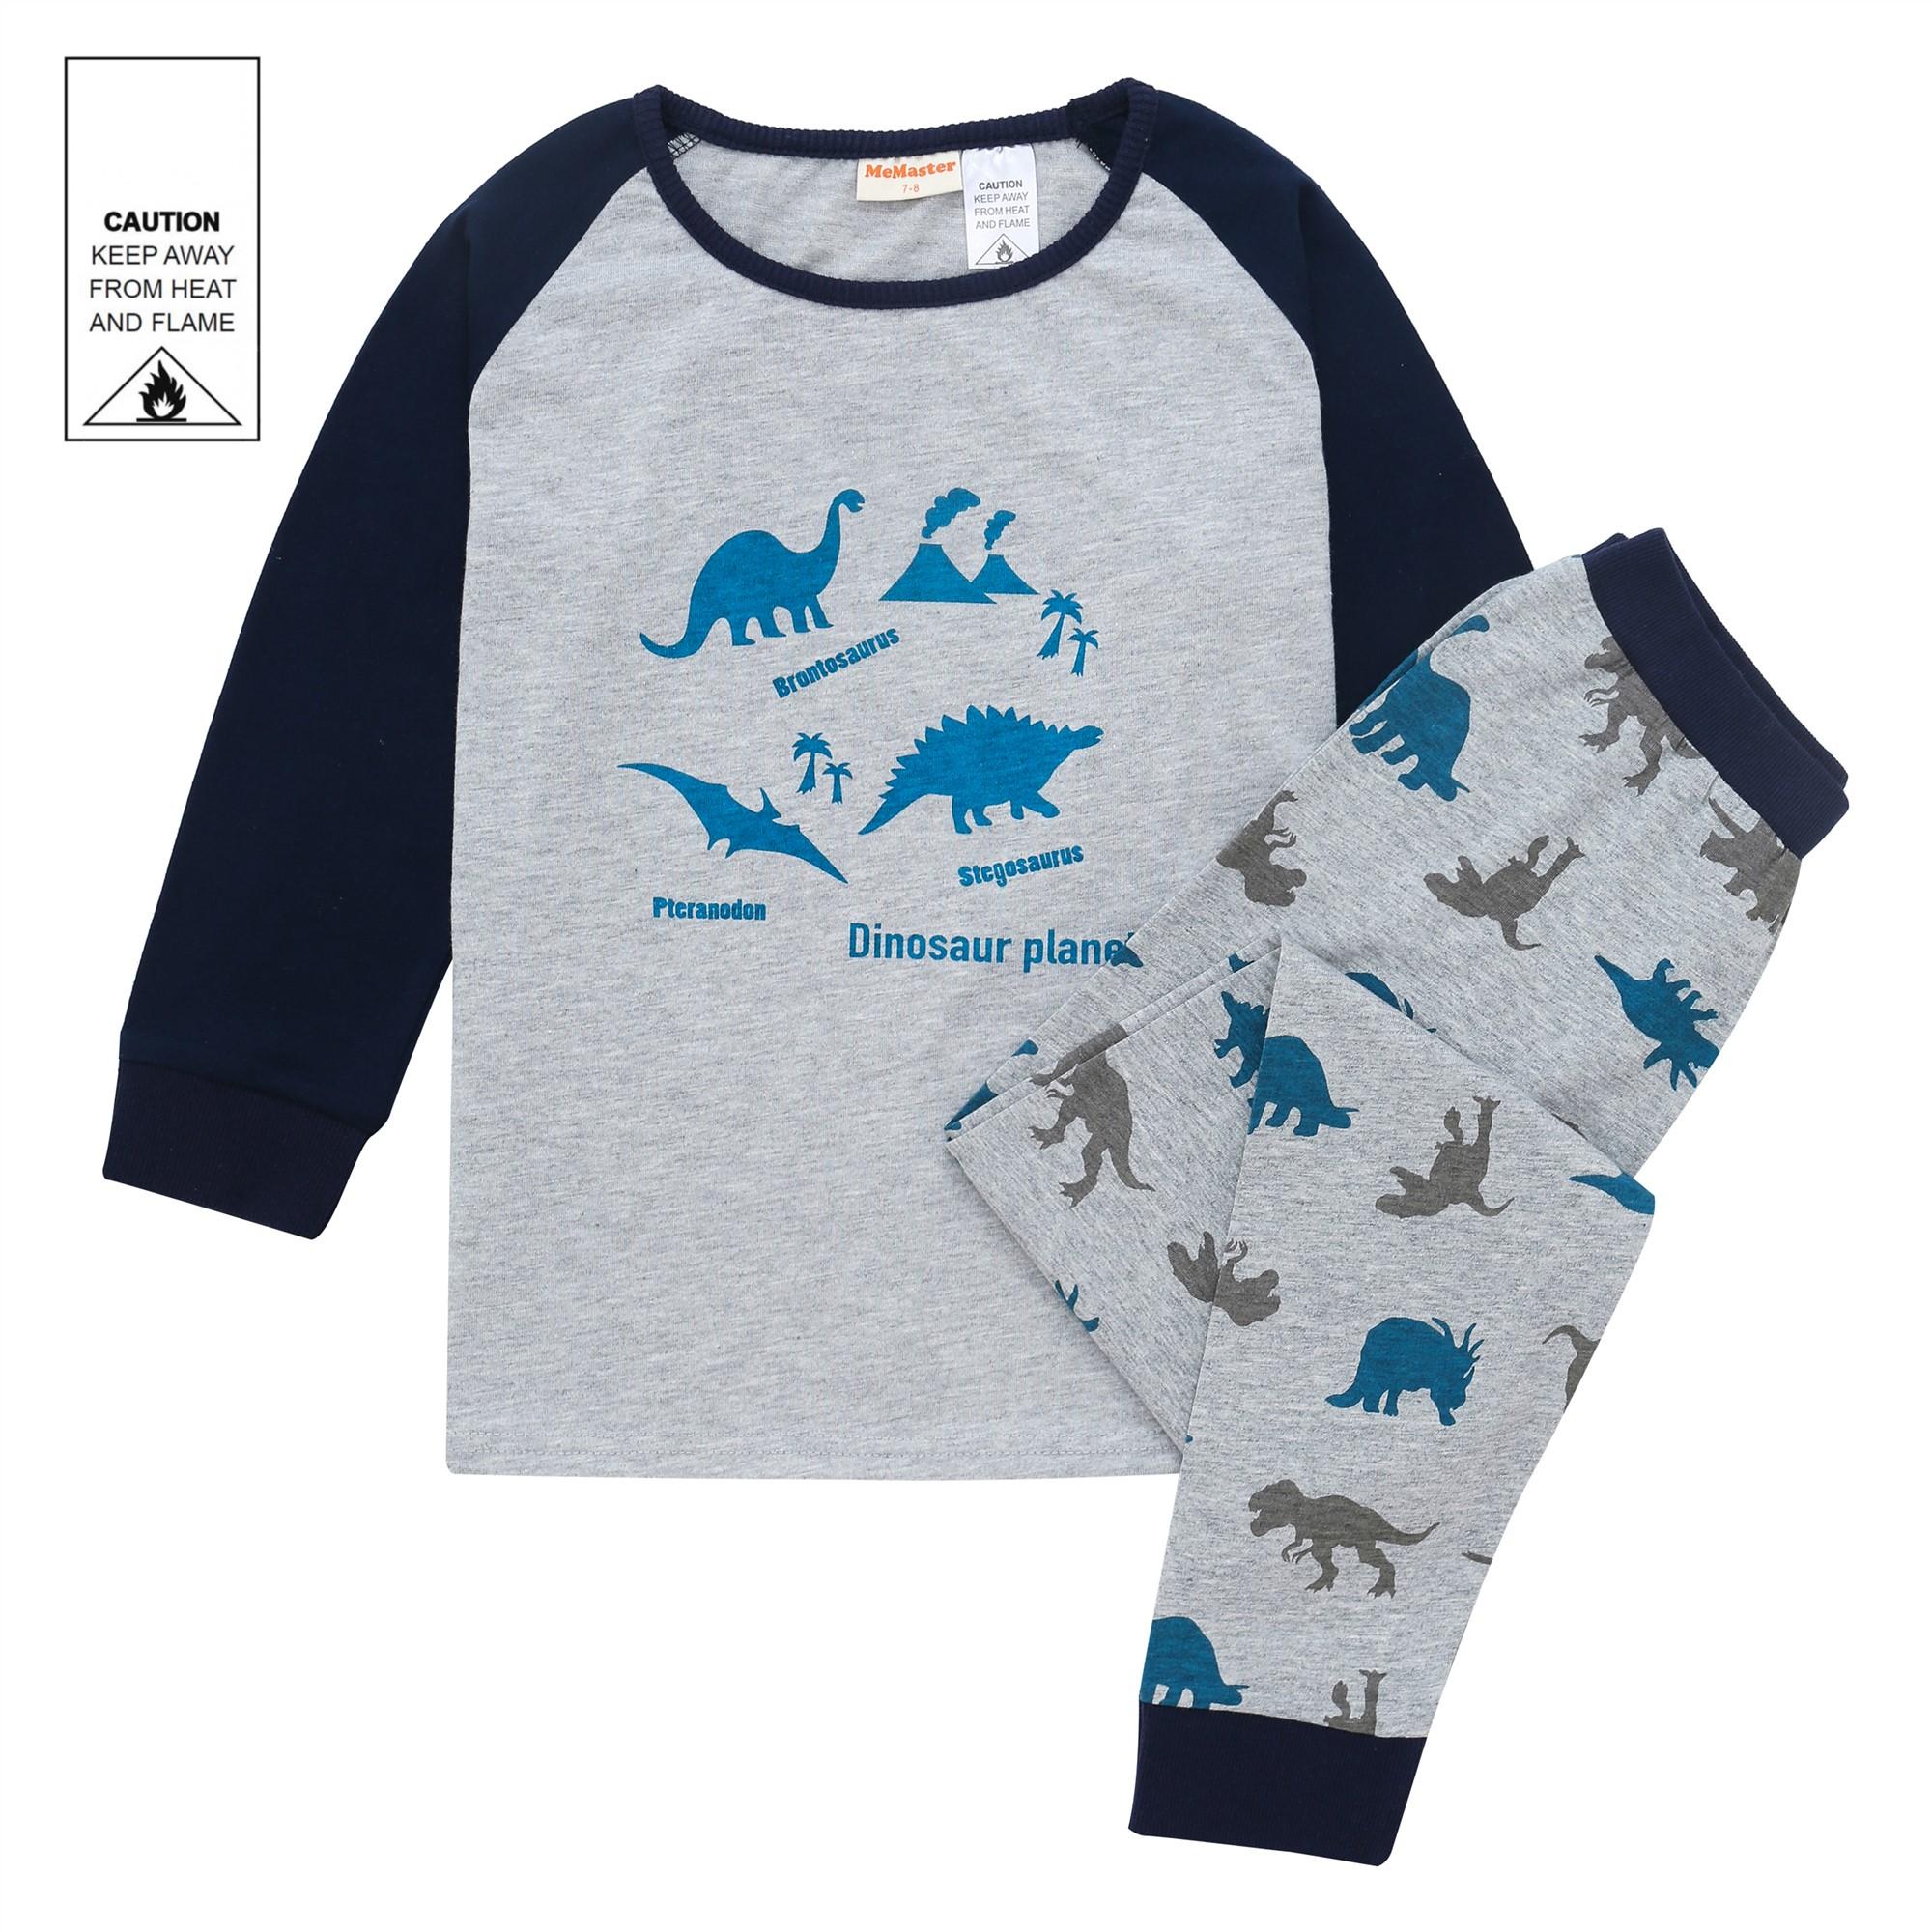 AW1911 Baby Boys Dinosaur Pyjama Set